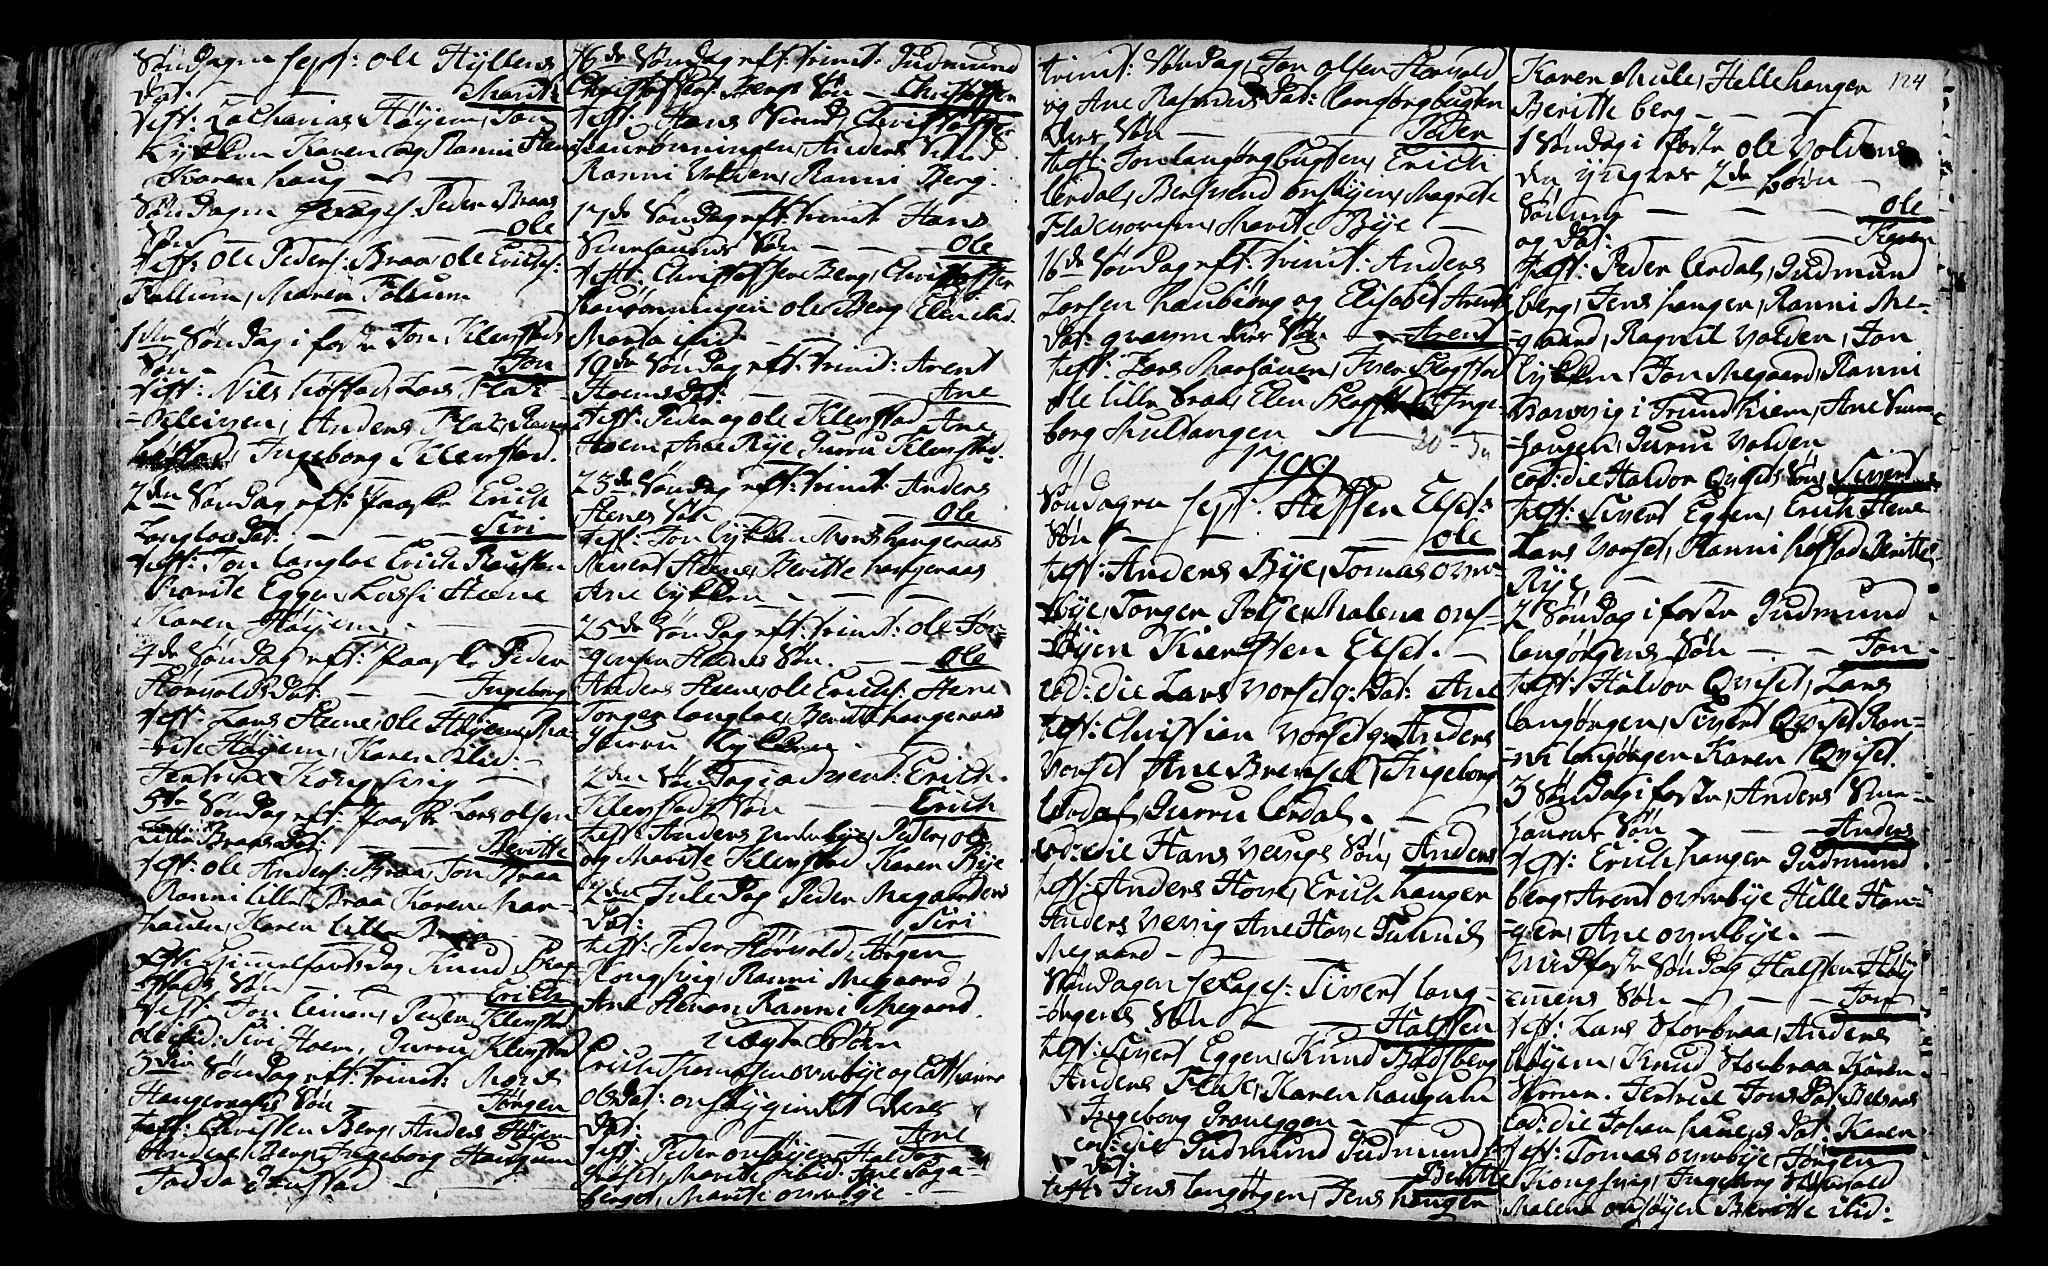 SAT, Ministerialprotokoller, klokkerbøker og fødselsregistre - Sør-Trøndelag, 612/L0370: Ministerialbok nr. 612A04, 1754-1802, s. 124